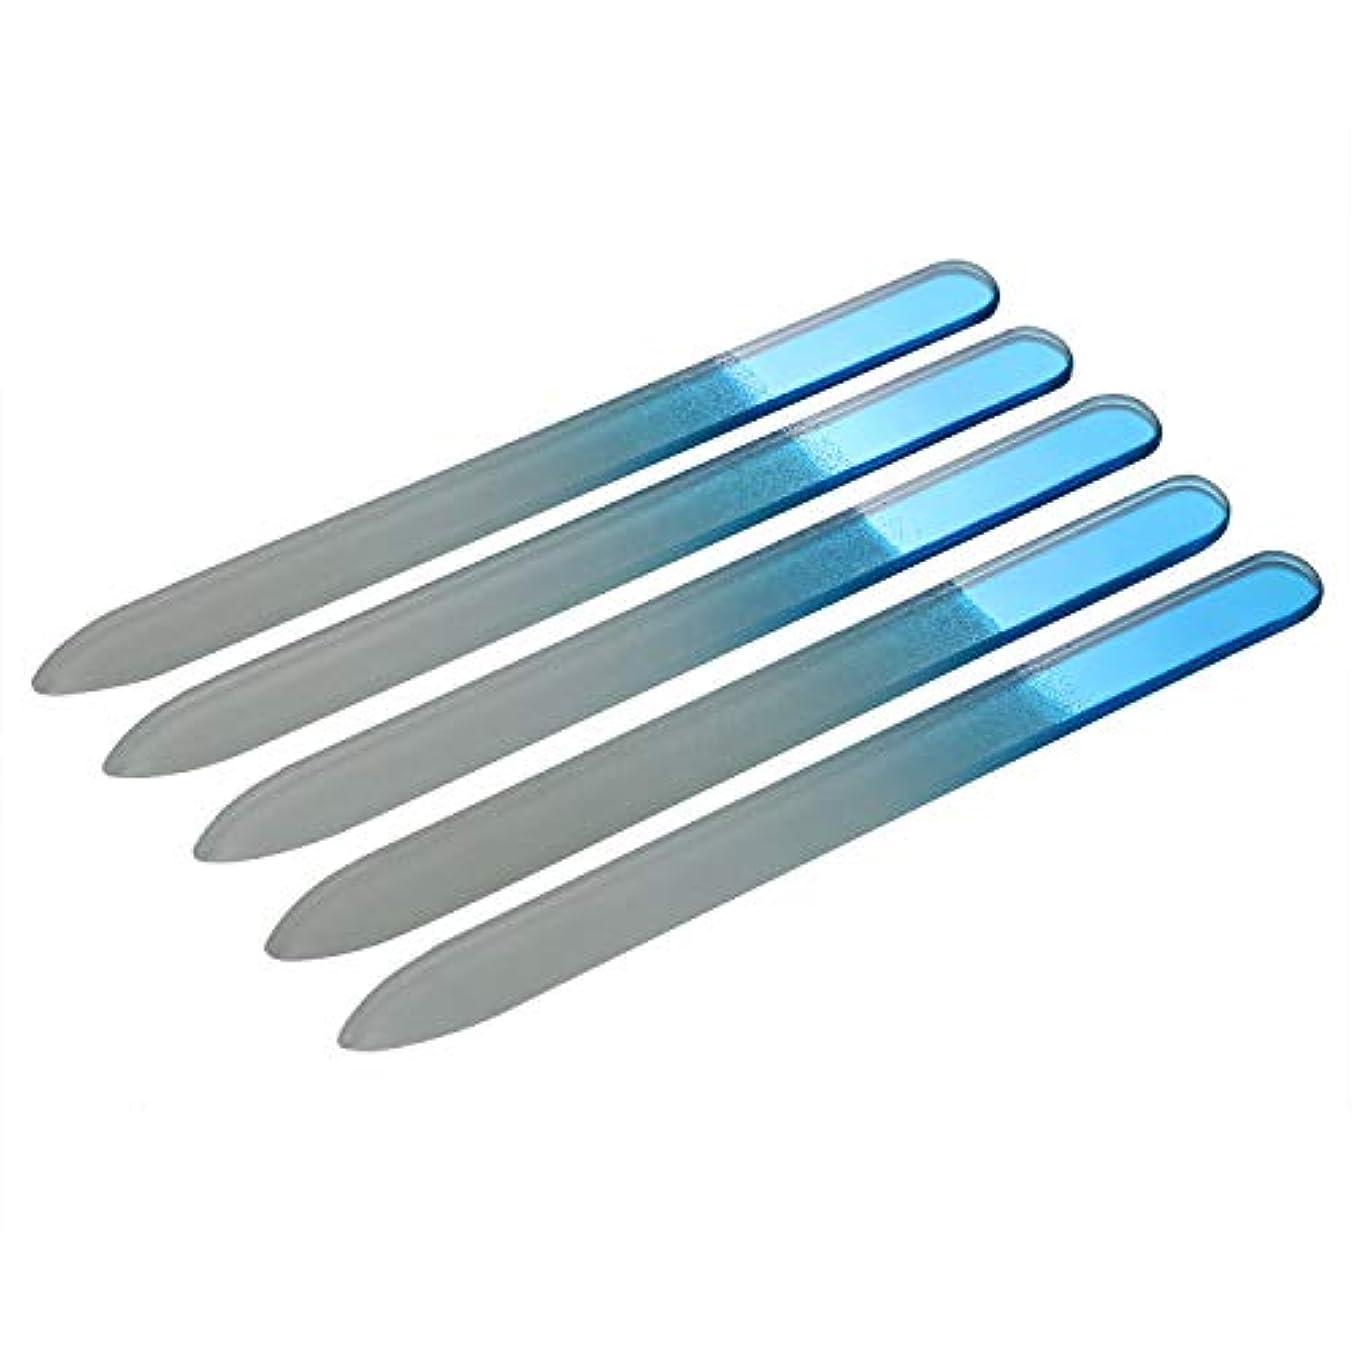 責め代理店仲間、同僚JewelryWe 爪やすり 爪磨き ネイルヤスリ ガラス製 両面タイプ 5本セット ブルー